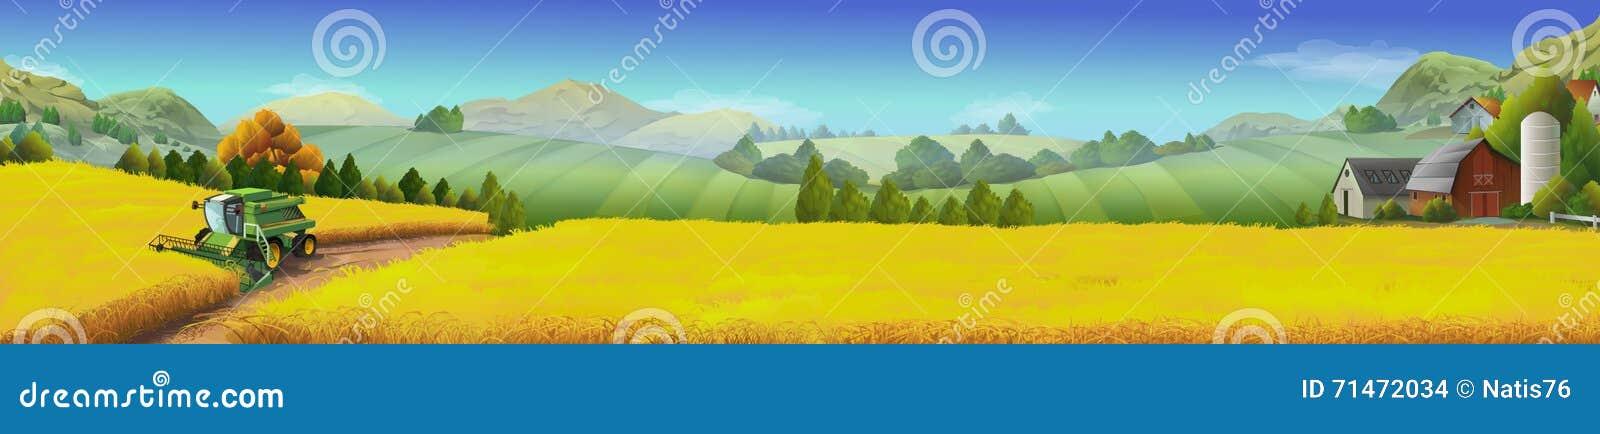 Weizenfeld, ländliche Landschaft